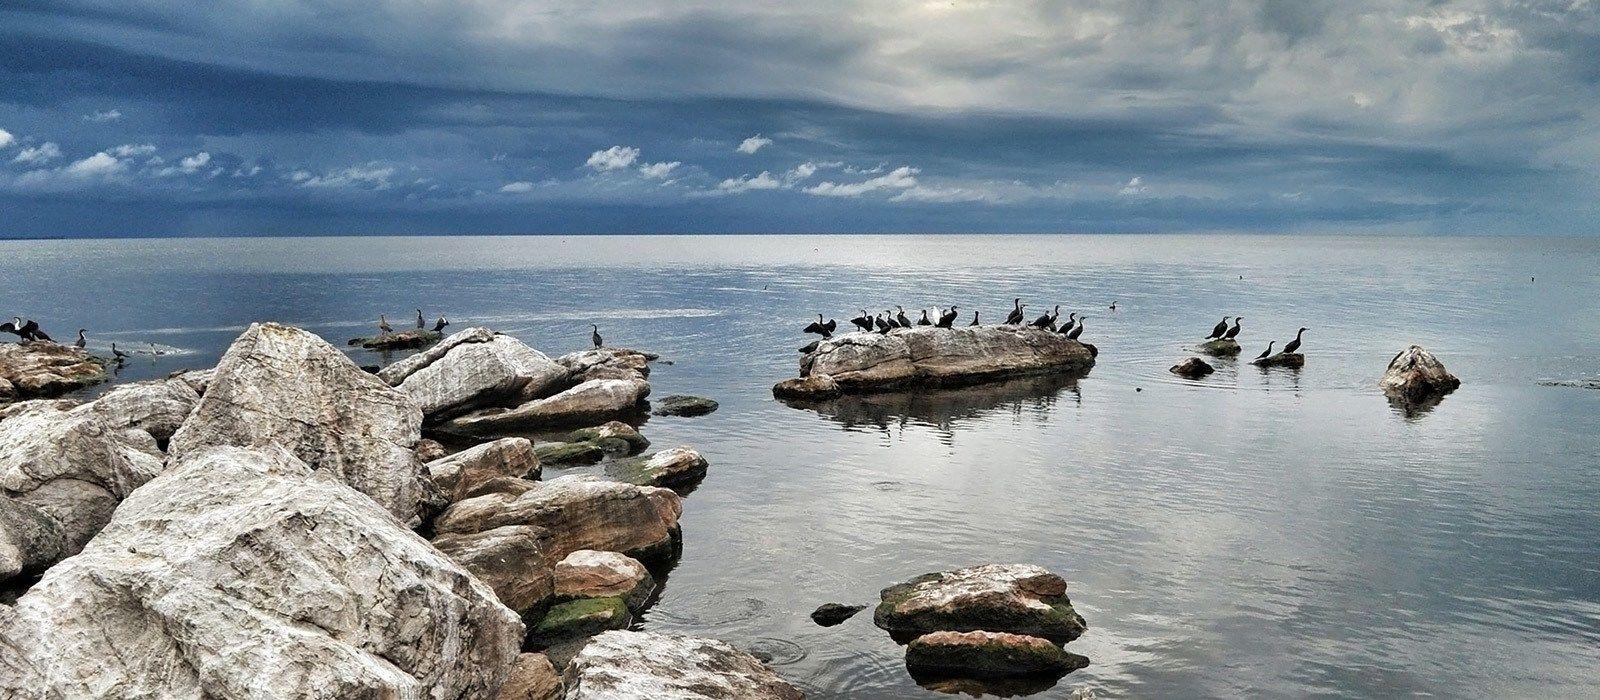 Destination Lake Victoria Tanzania Tanzania